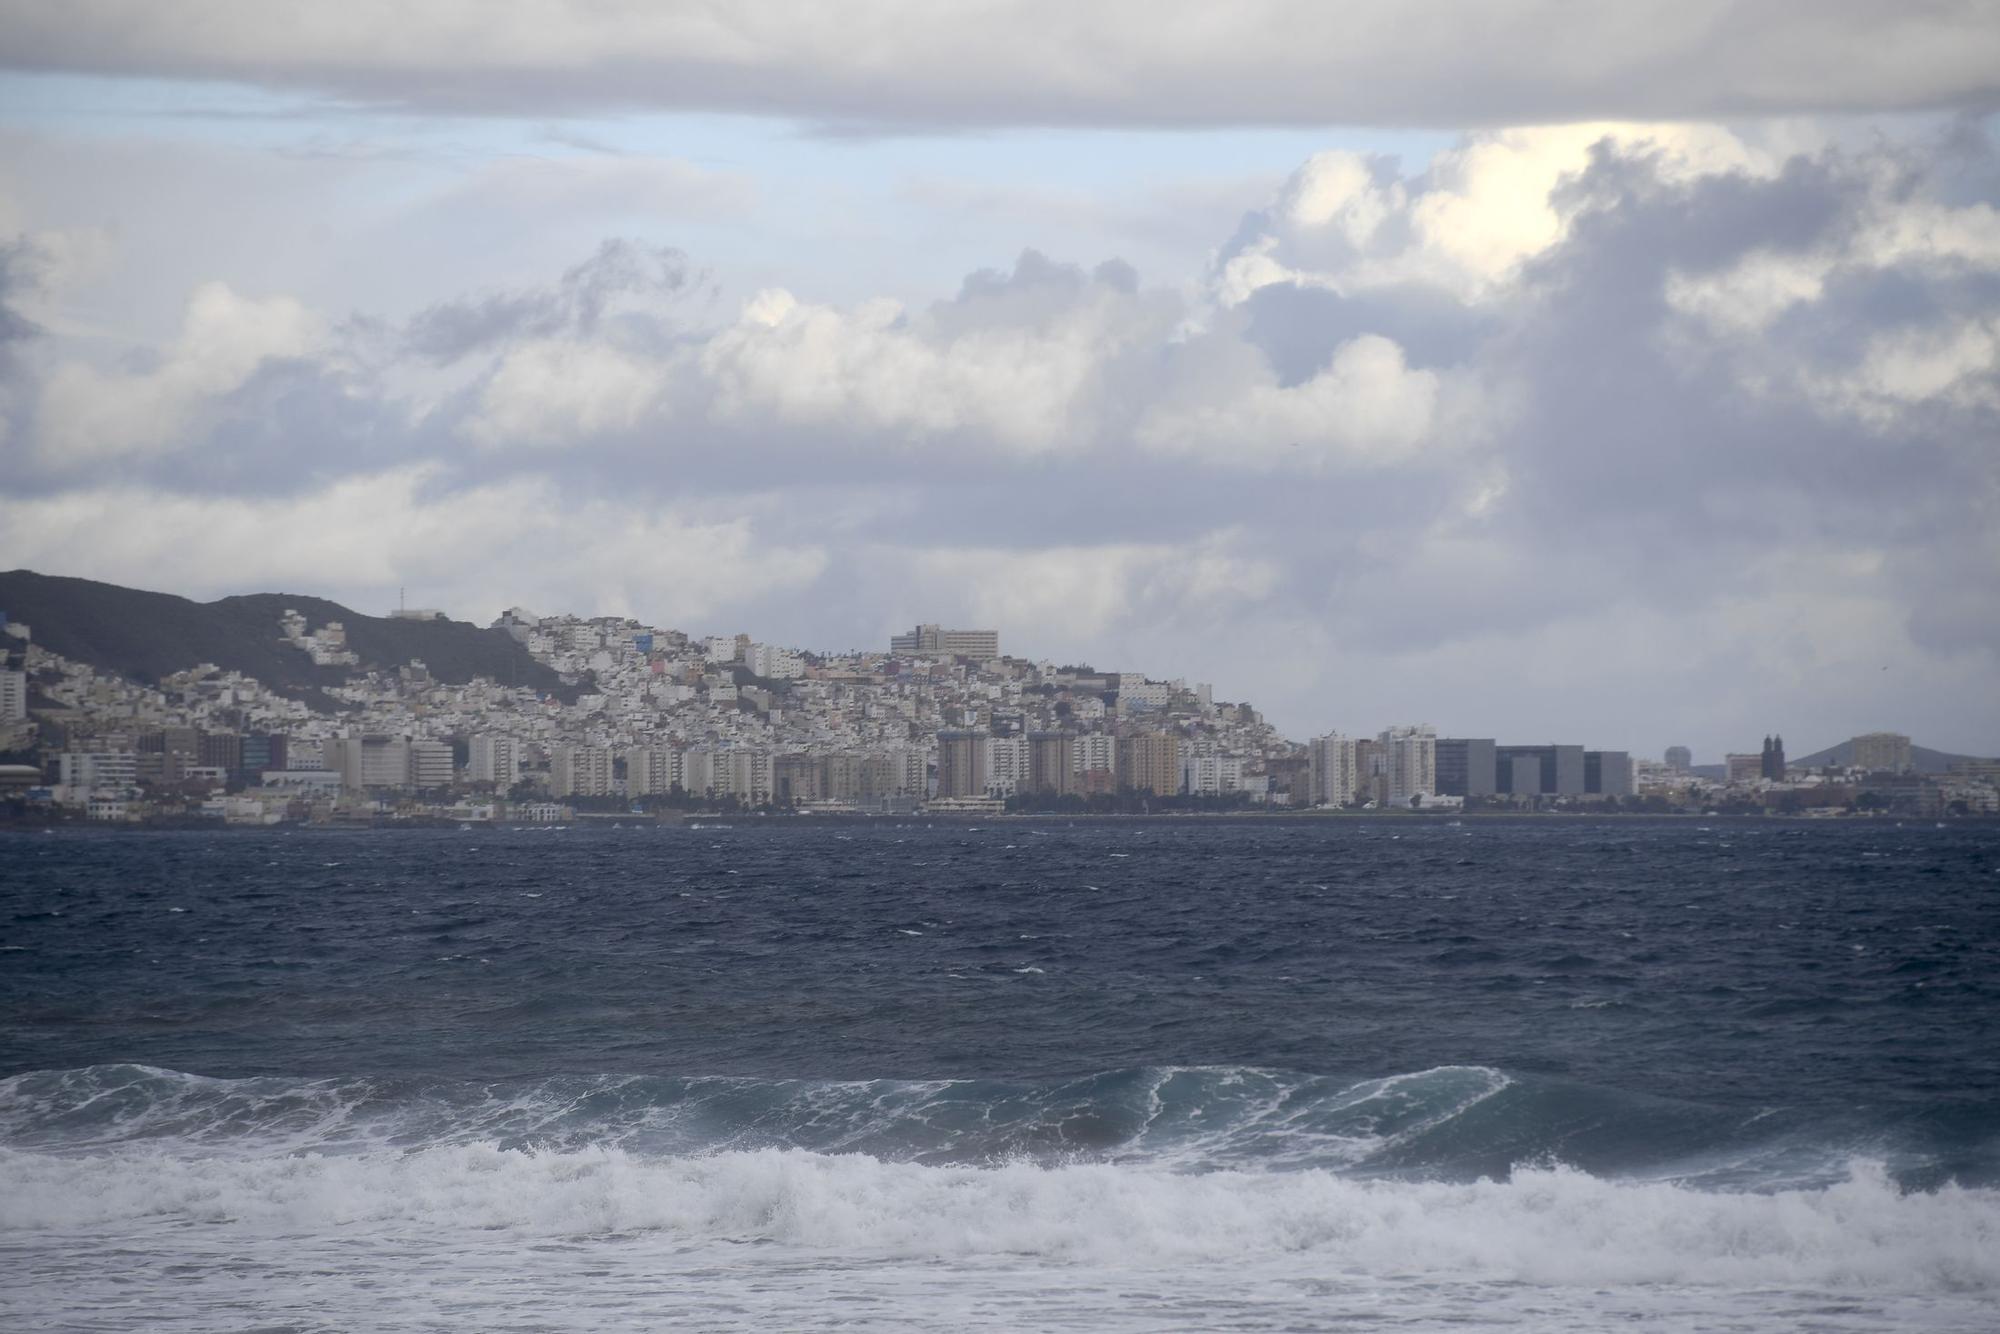 Borrasca en Las Palmas de Gran Canaria (26/11/20)